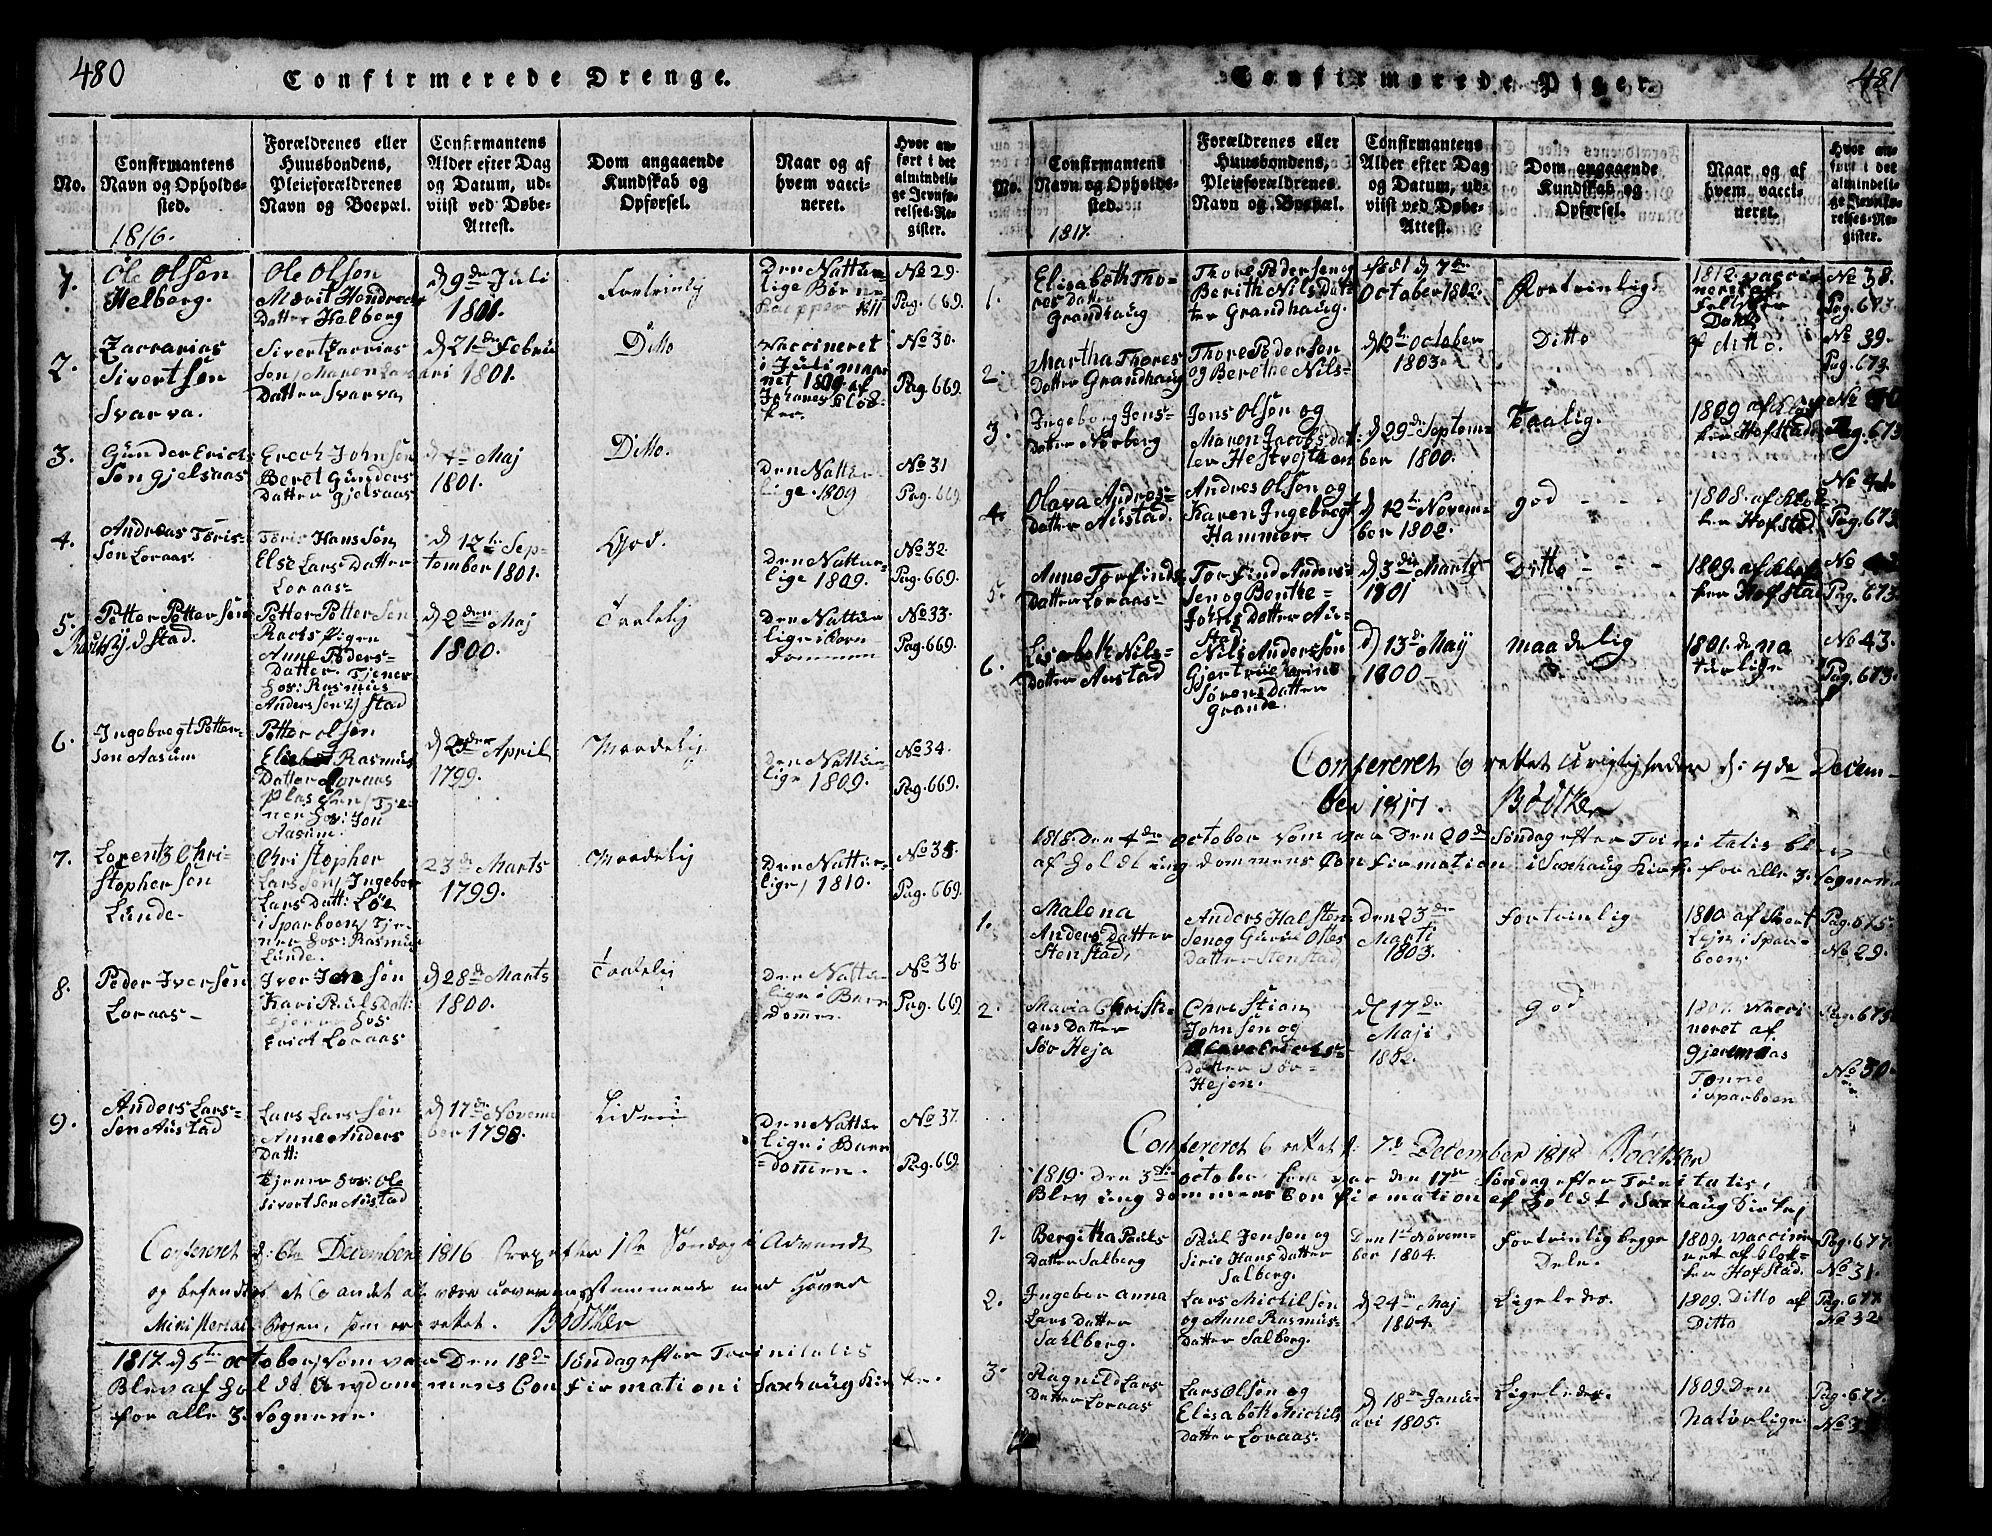 SAT, Ministerialprotokoller, klokkerbøker og fødselsregistre - Nord-Trøndelag, 731/L0310: Klokkerbok nr. 731C01, 1816-1874, s. 480-481